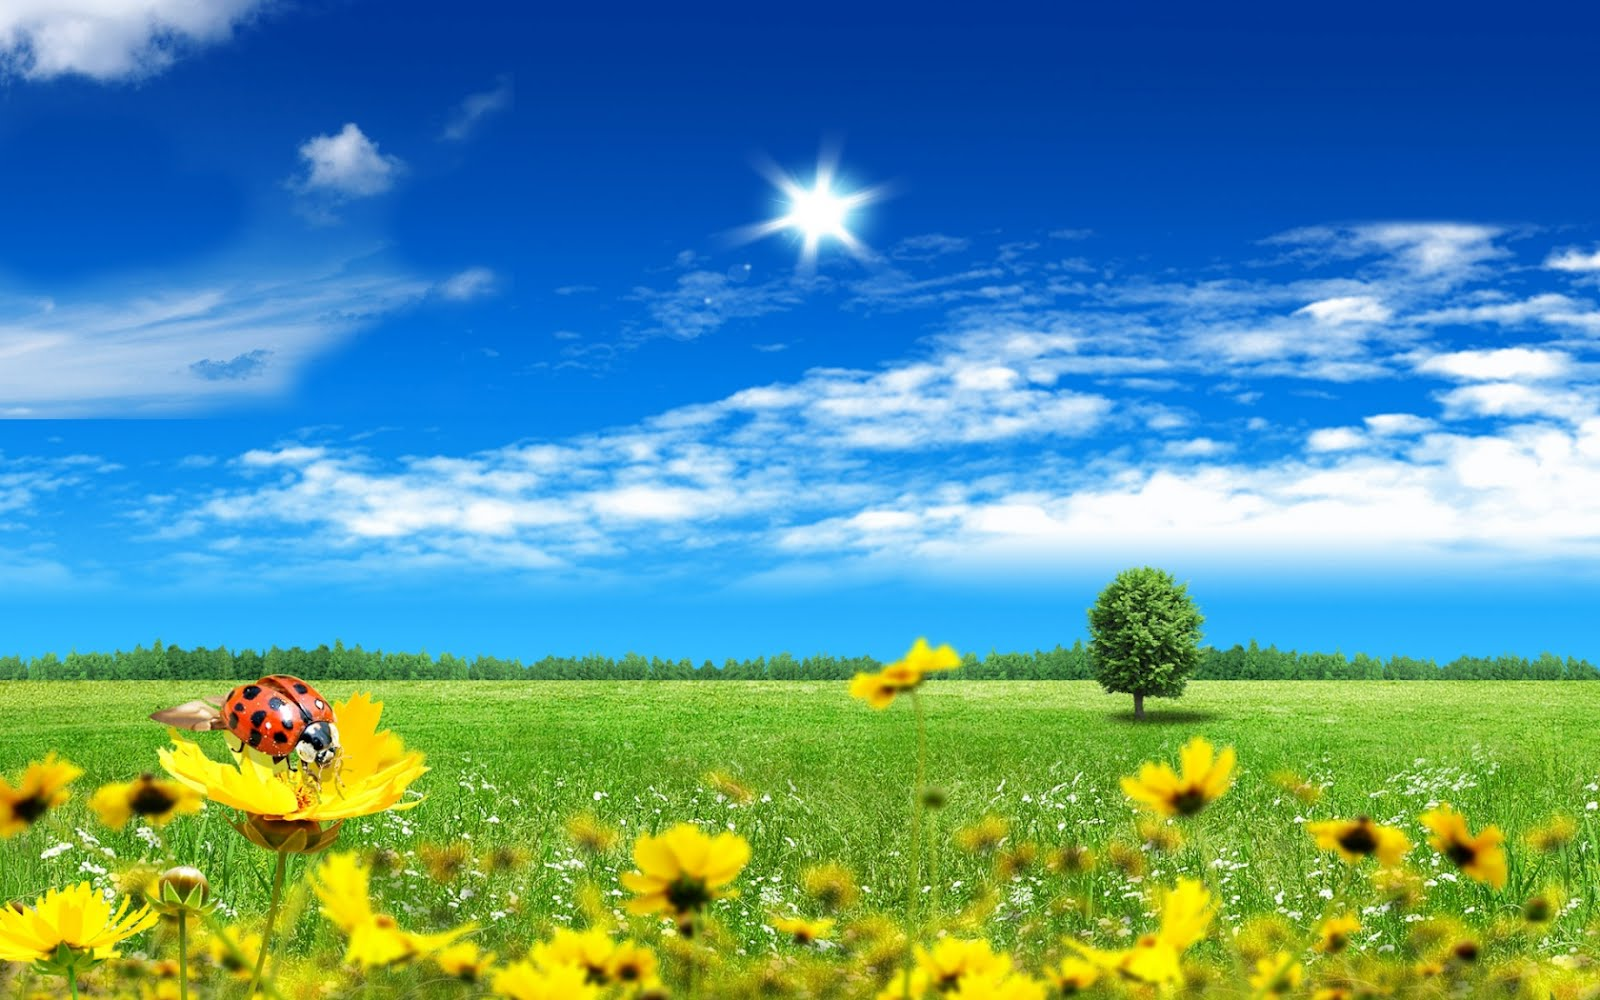 http://3.bp.blogspot.com/-pzzKBJDK2Cg/T27xORf9ZYI/AAAAAAAAFLA/9-7Xpkeqqt0/s1600/primavara_fantasy.jpg